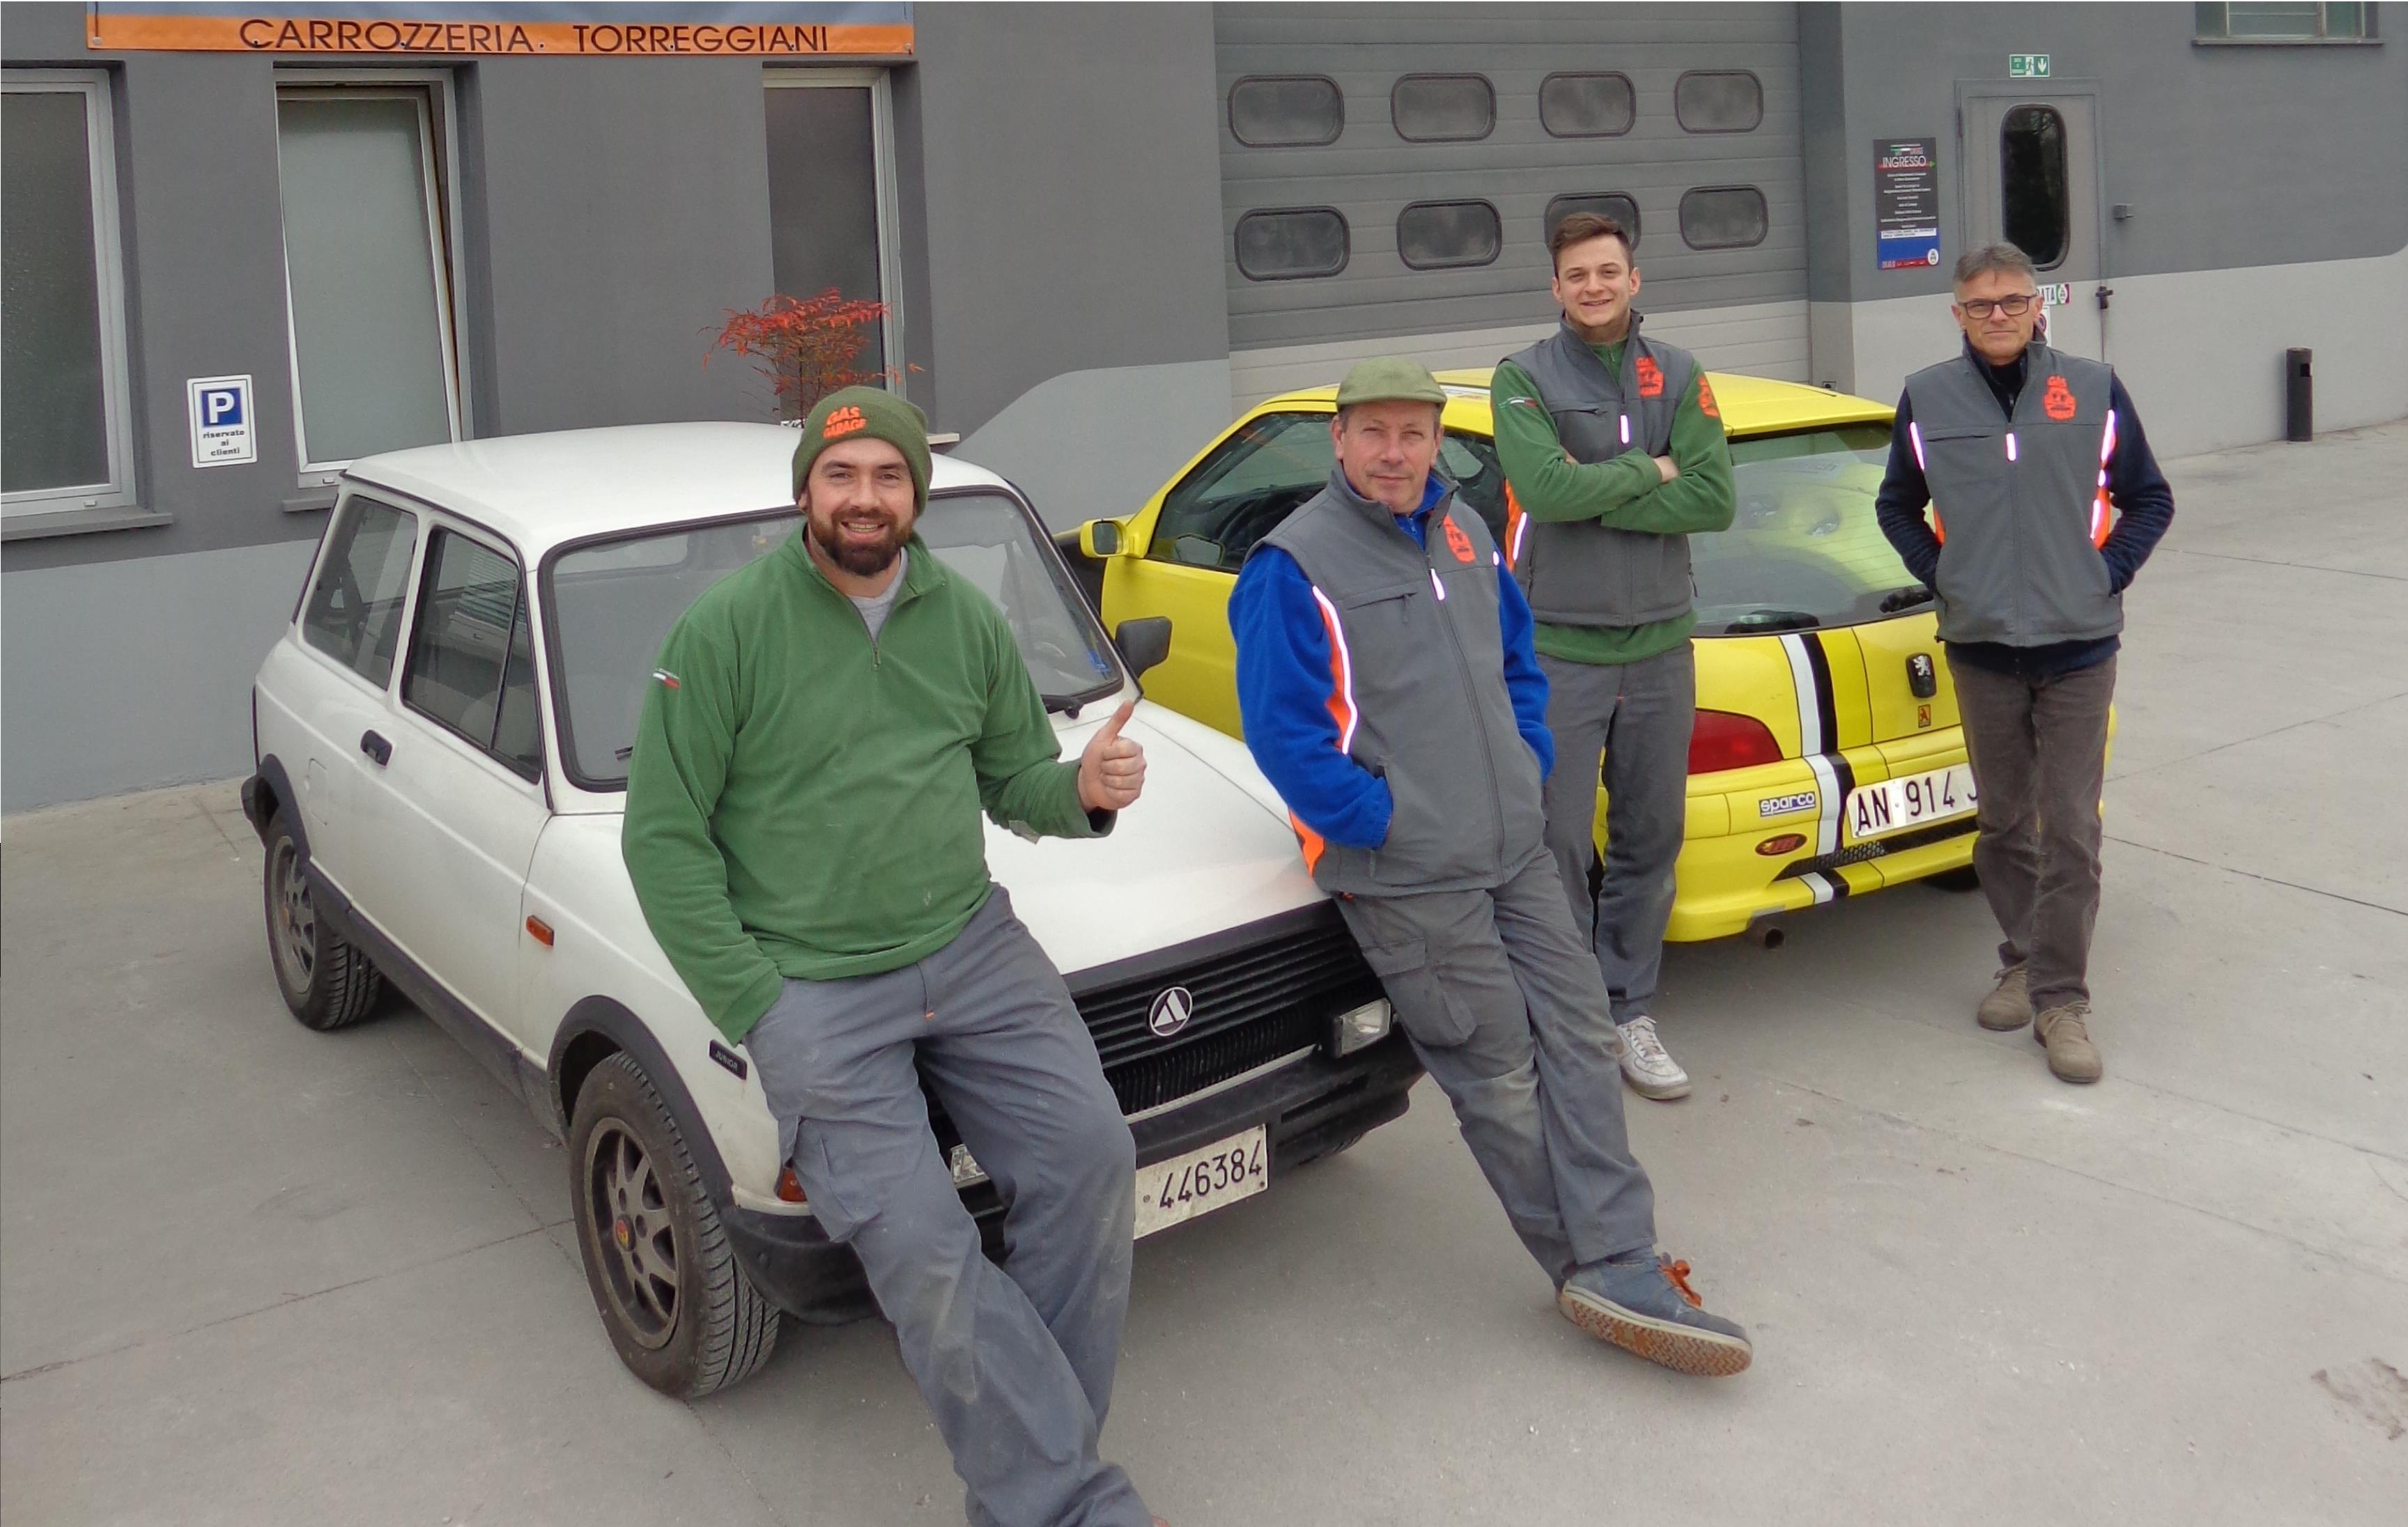 team GAS GARAGE